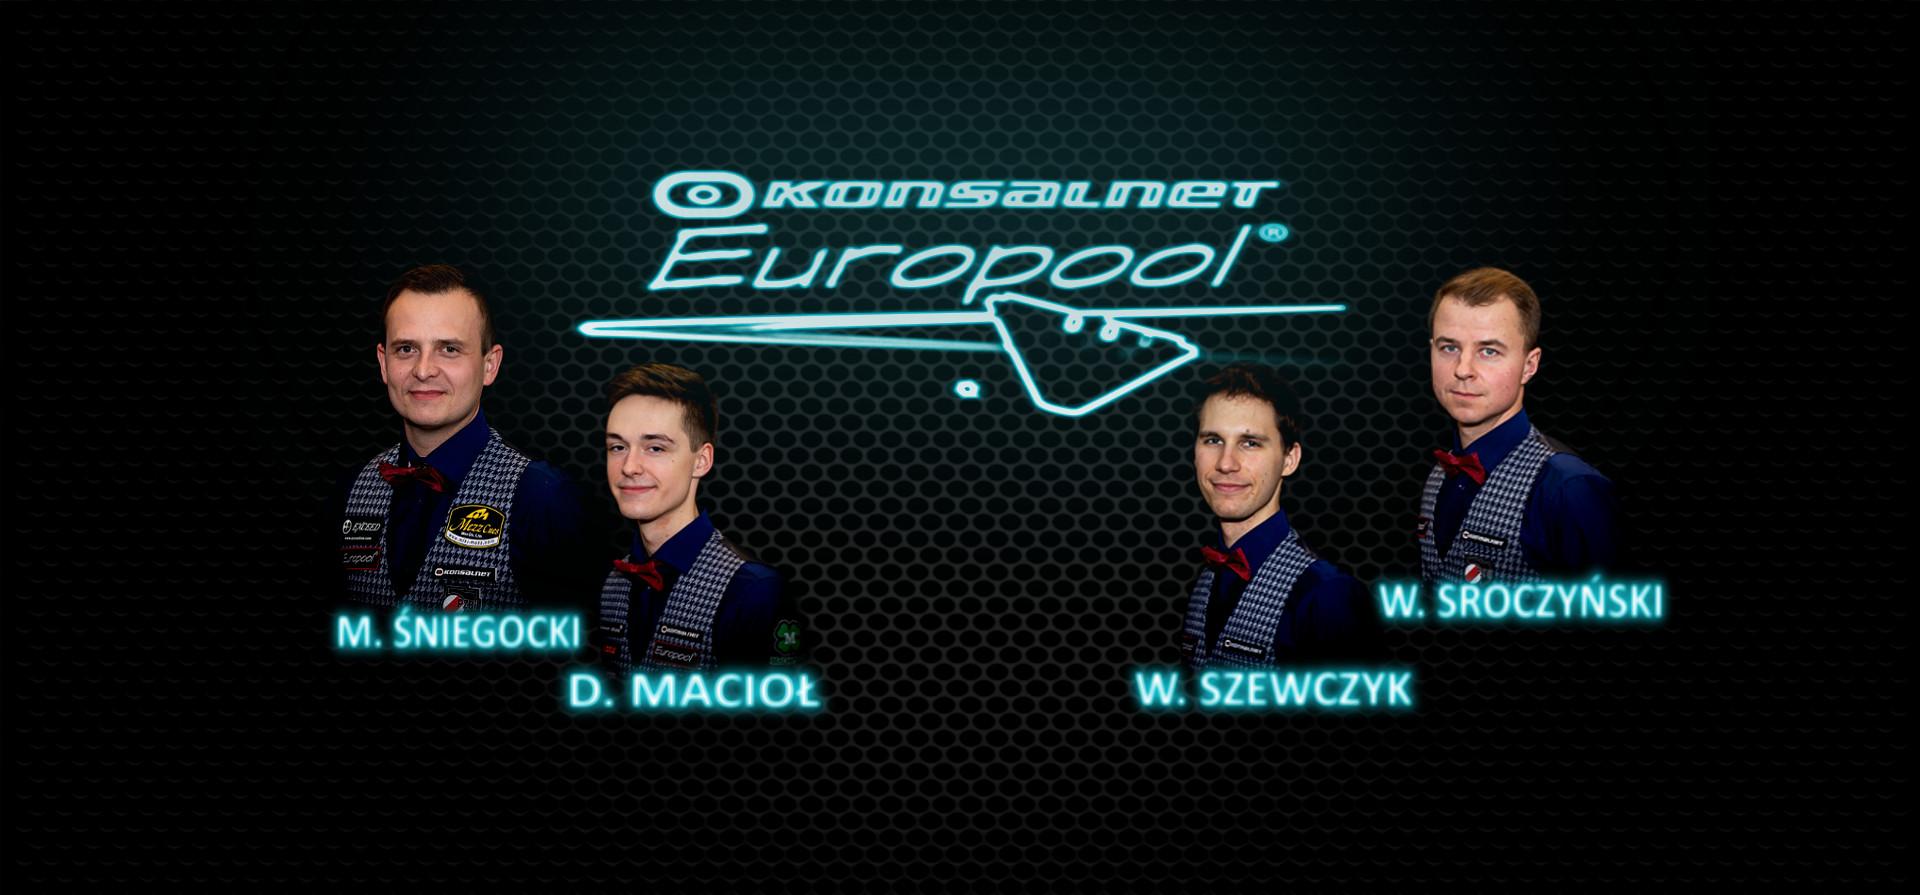 Niespodzianka od drużyny Konsalnet Europool !